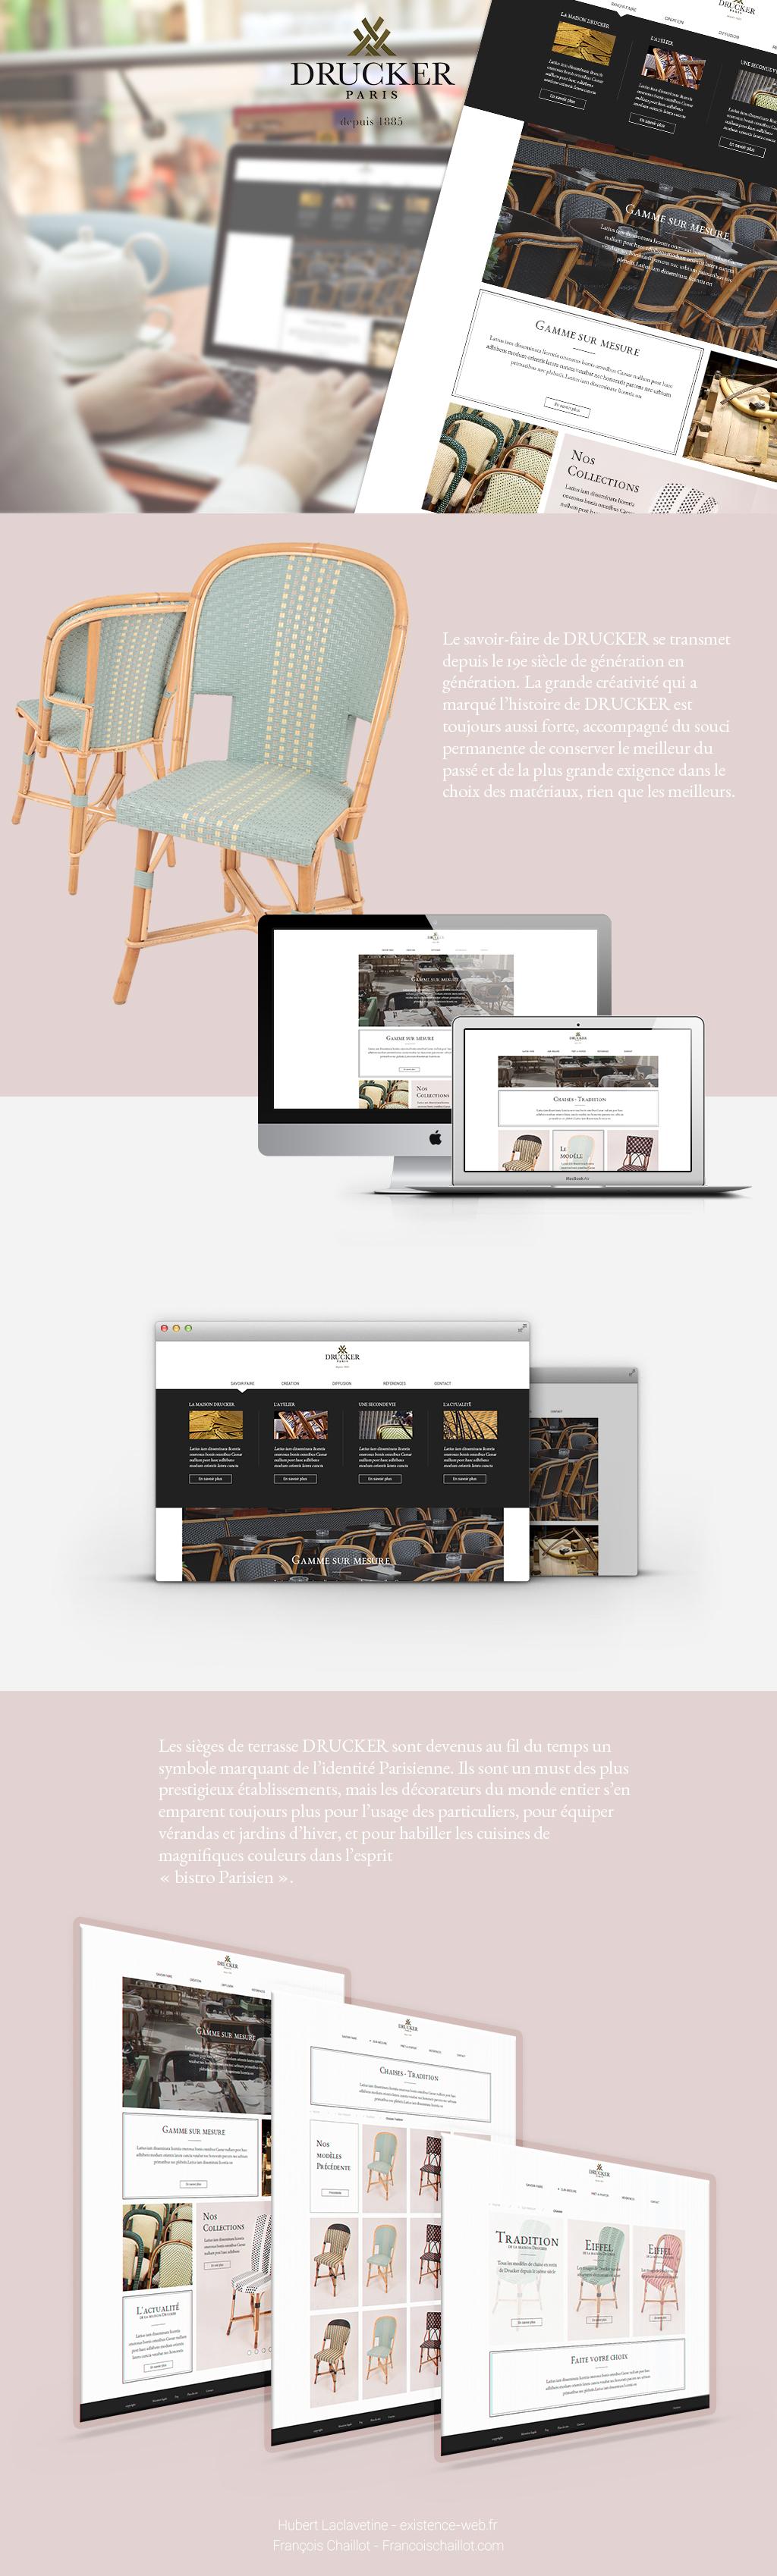 maison-druker-perentation-web-design